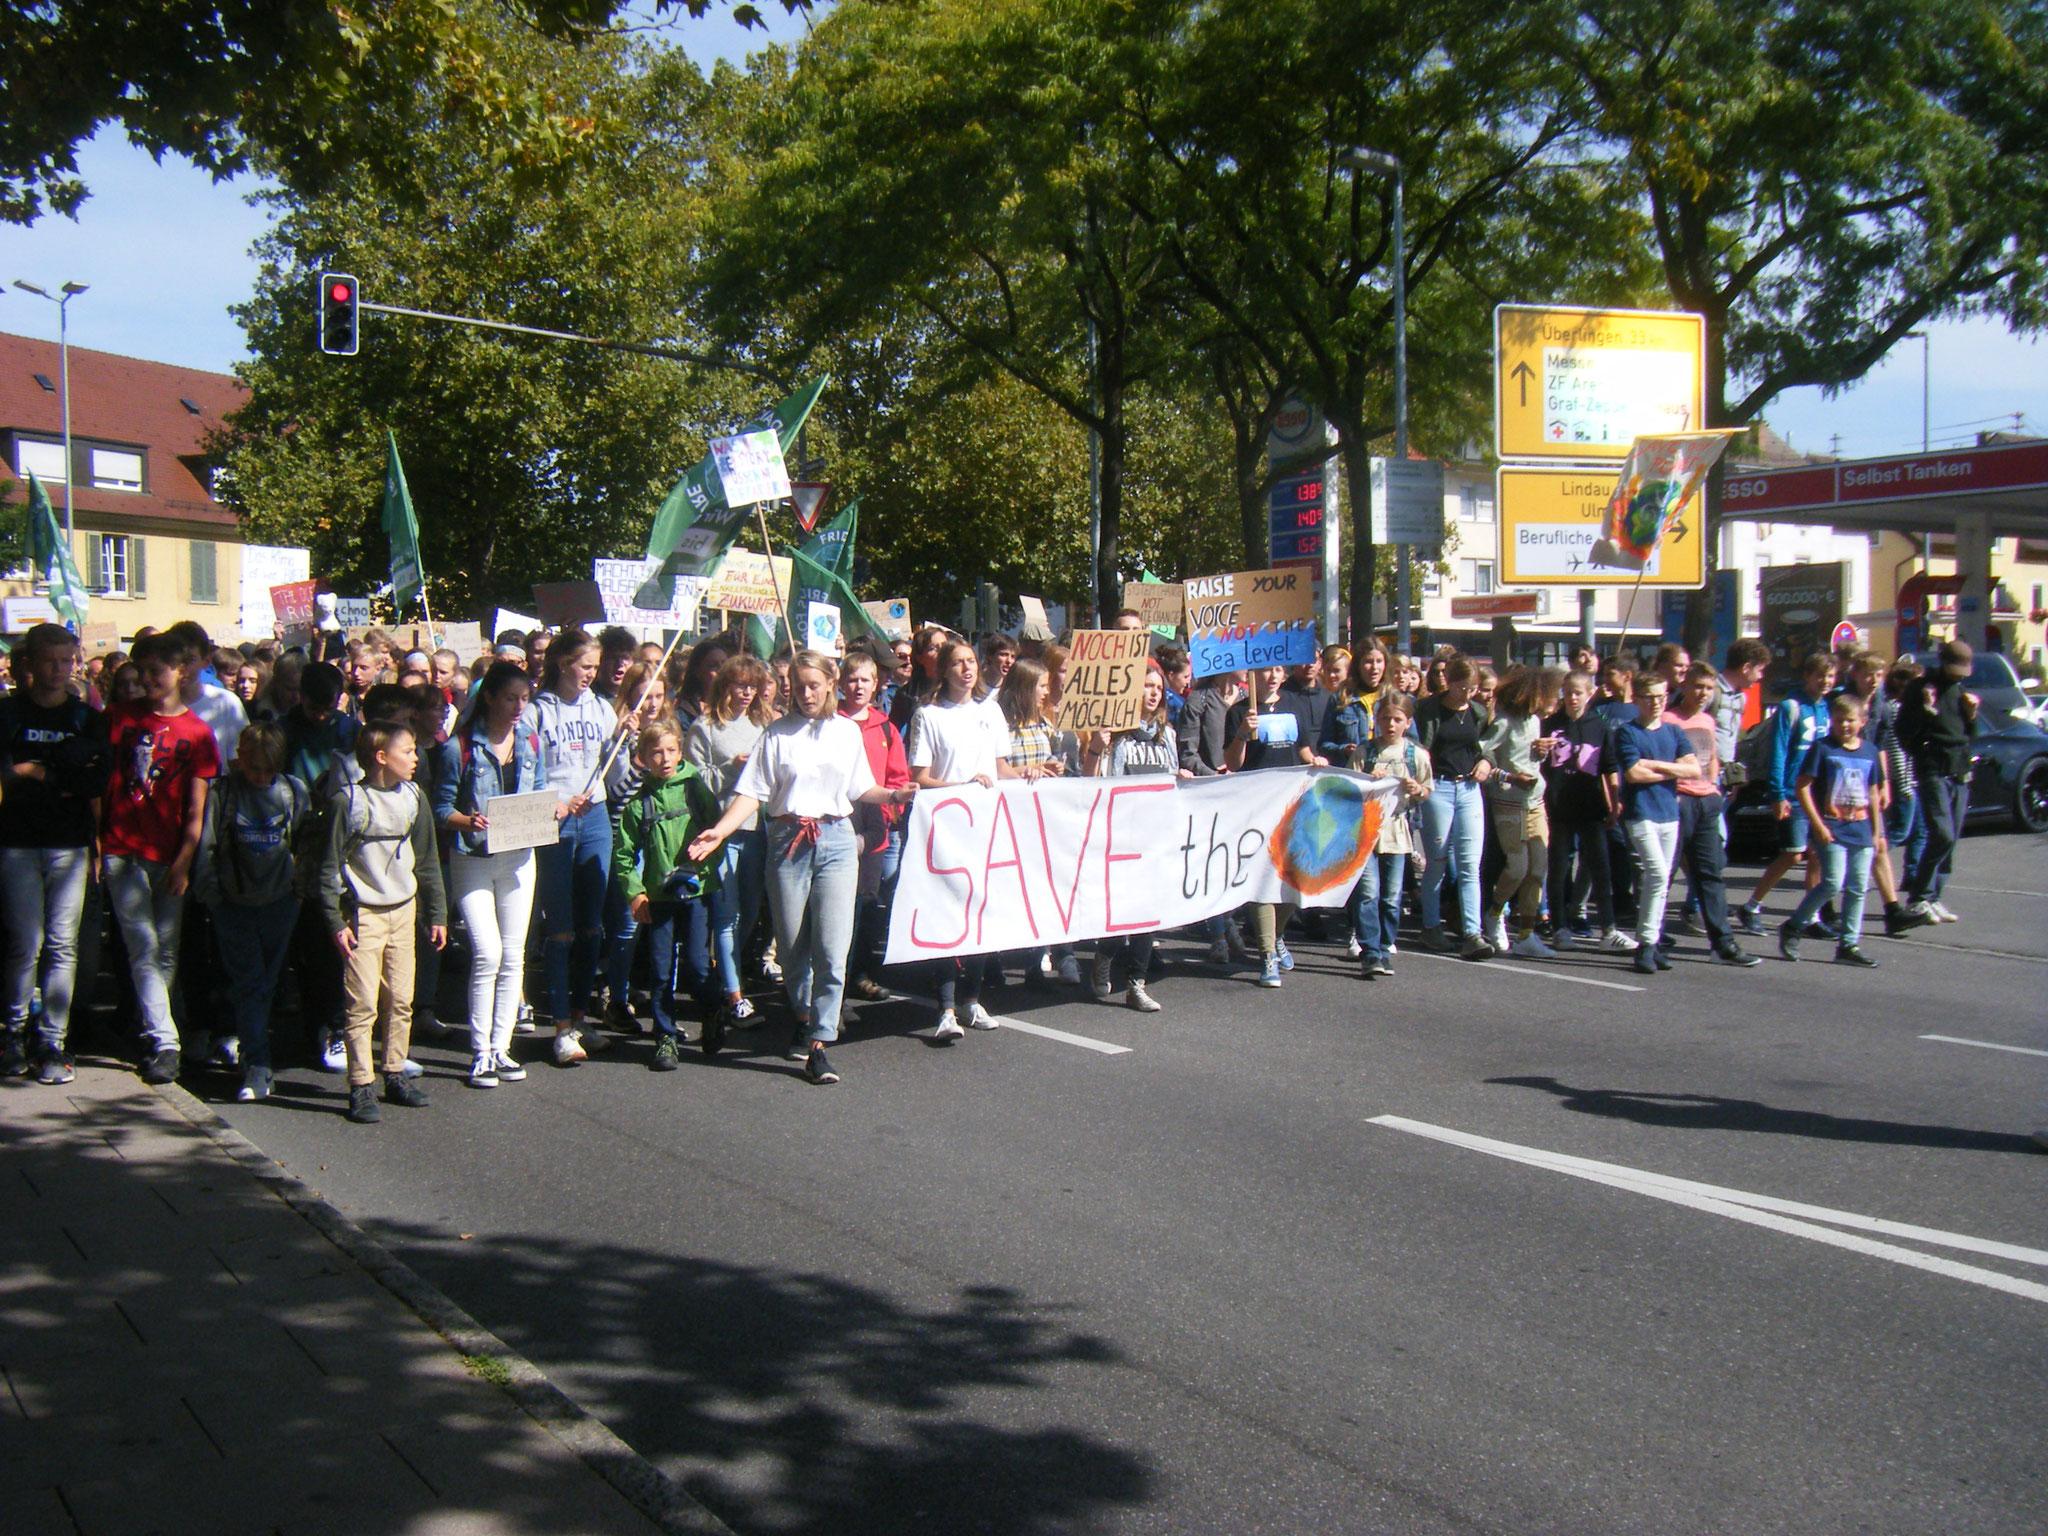 Klimaschutz, ein Thema, das aktuell alle Generationen auf die Straße treibt